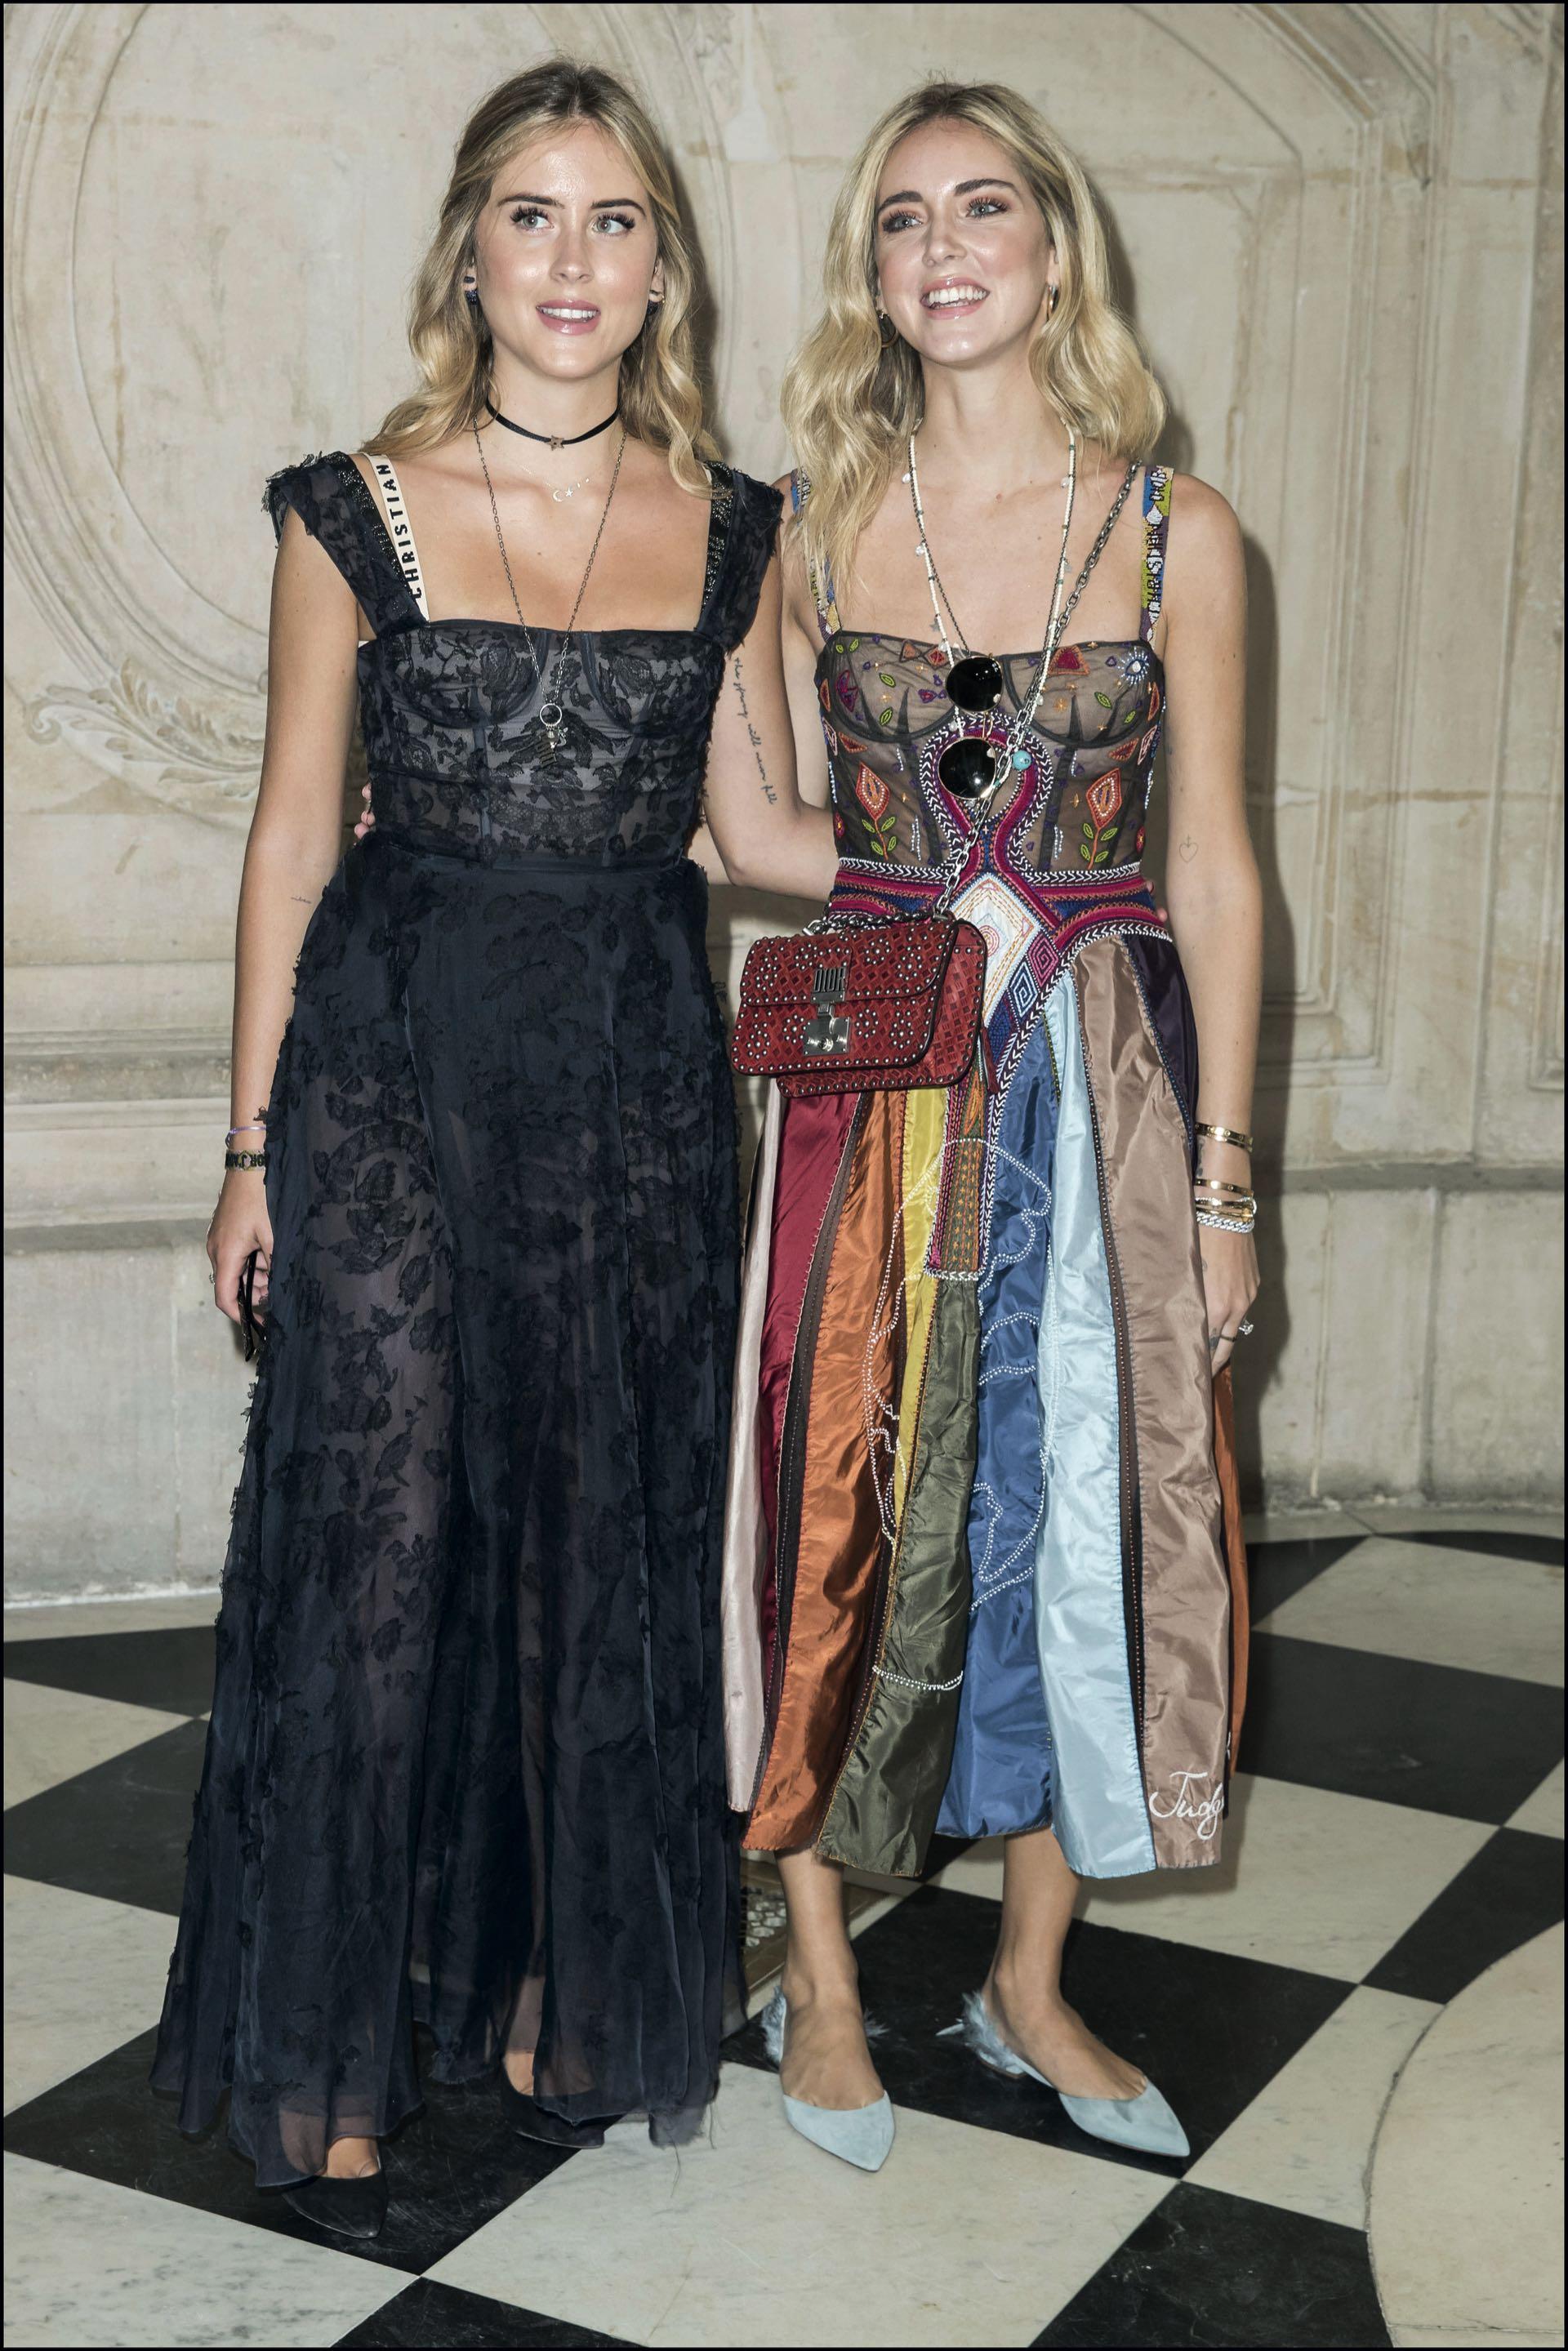 La bloguer y su hermana Valentina en el desfile de Dior. La menor de las Ferragni le sigue los pasos de cerca y cuenta con 1 millón 500 mil seguidores.